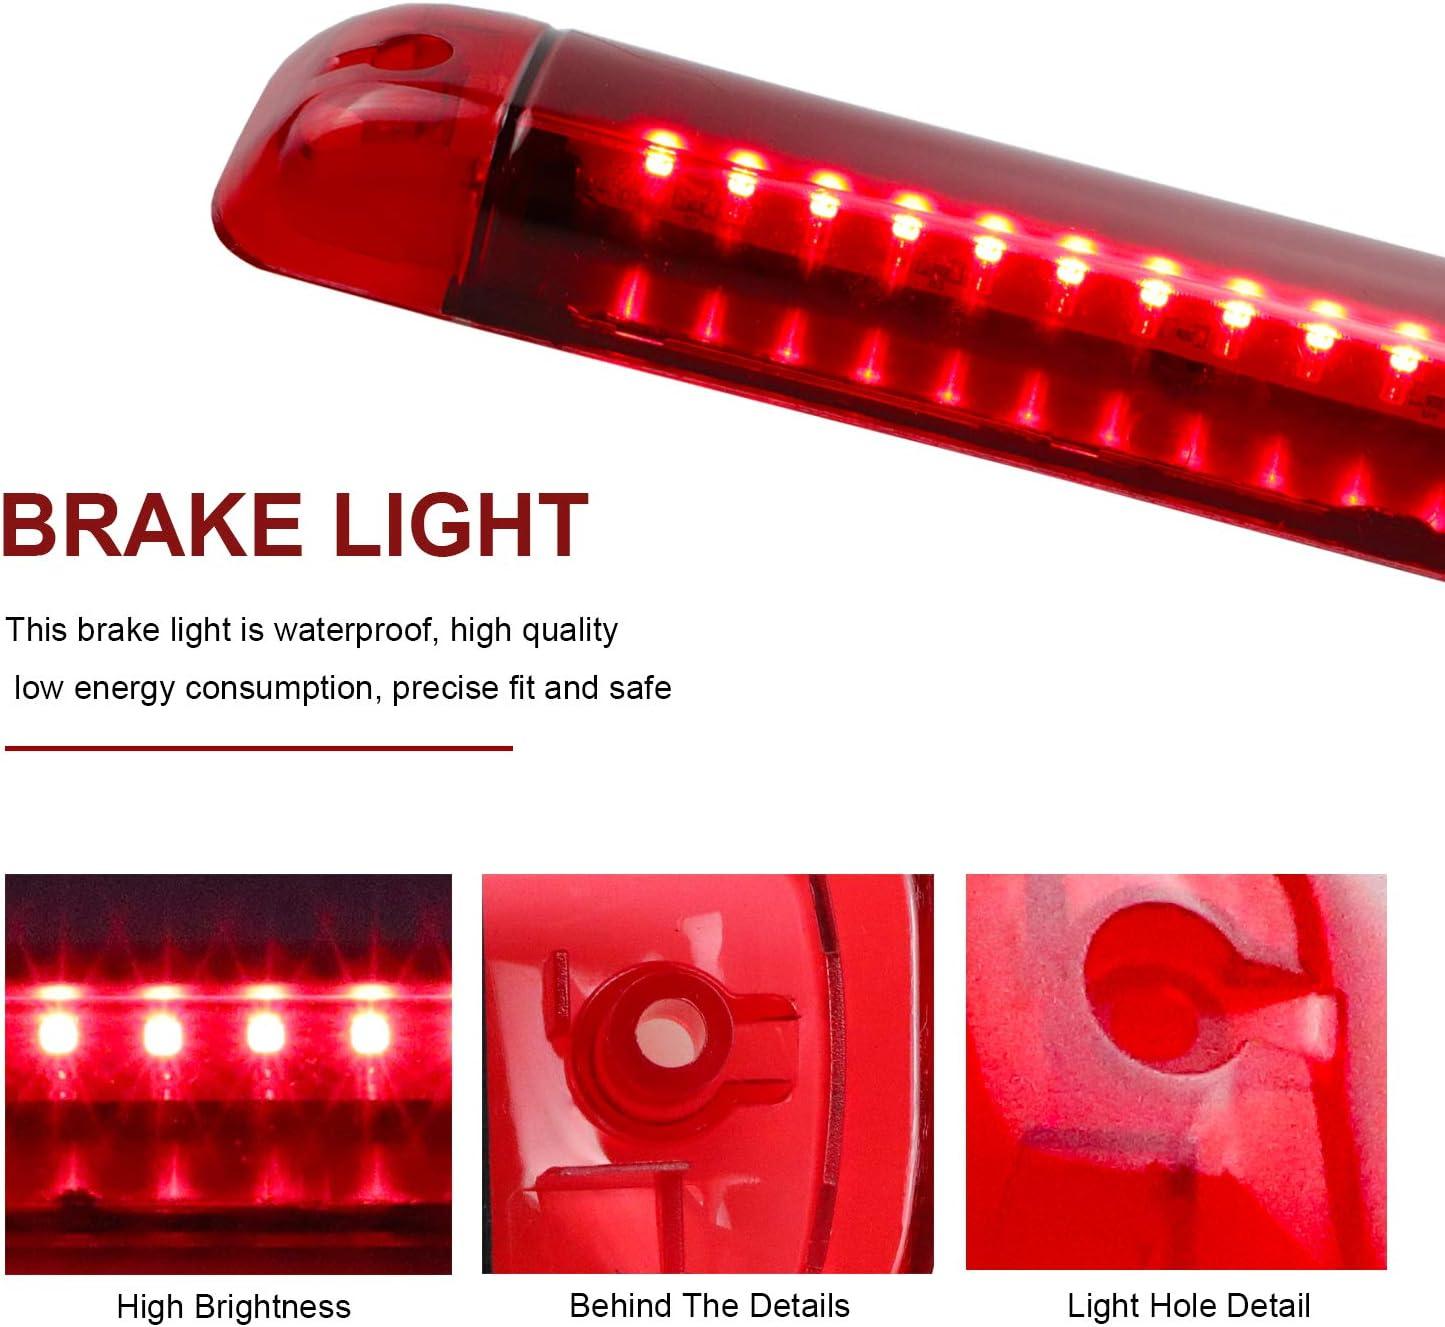 2003-2009 Hummer H2 Red Lens 1992-1999 Chevy Suburban/&GMC Yukon Center High Mount Stop Light Third Brake Light Lamp Cargo Lights for 95-2000 Tahoe